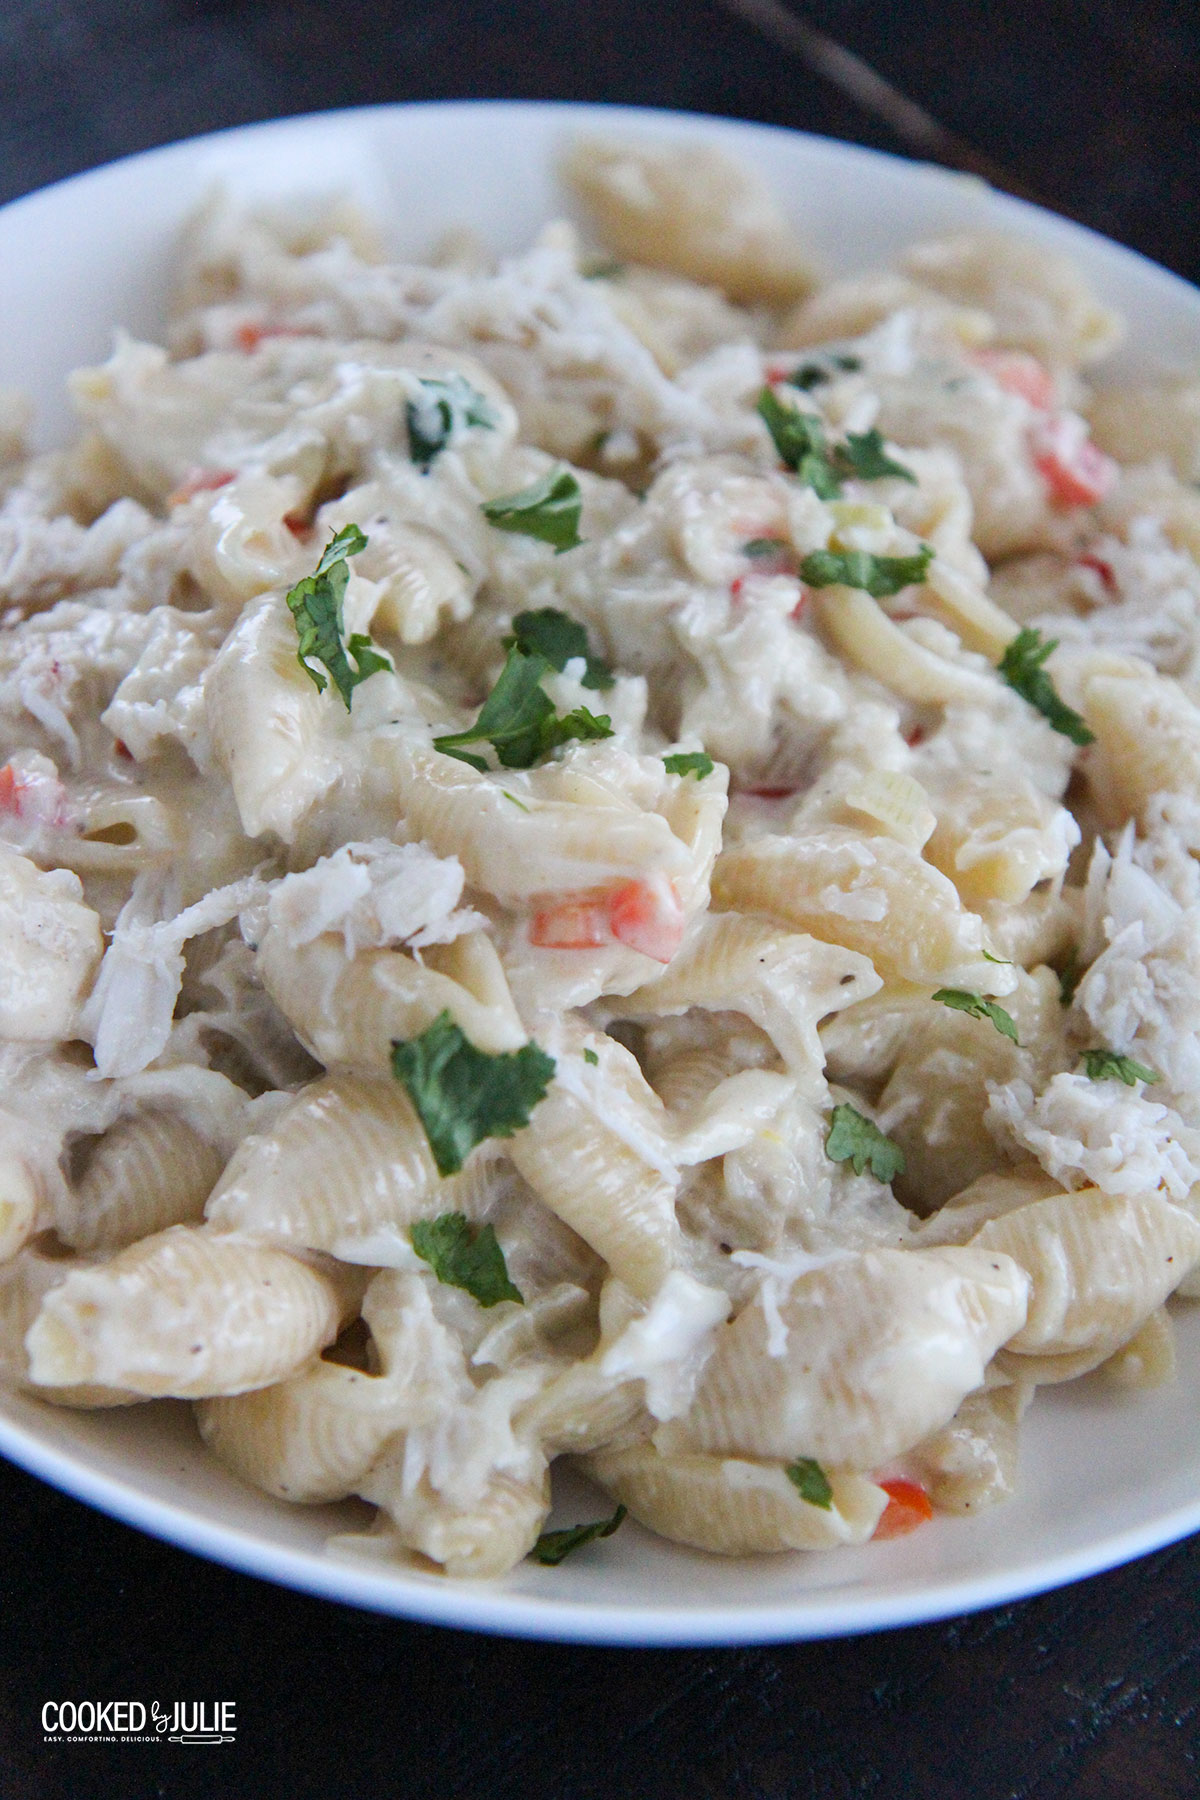 cheesy crab Alfredo pasta in a white bowl